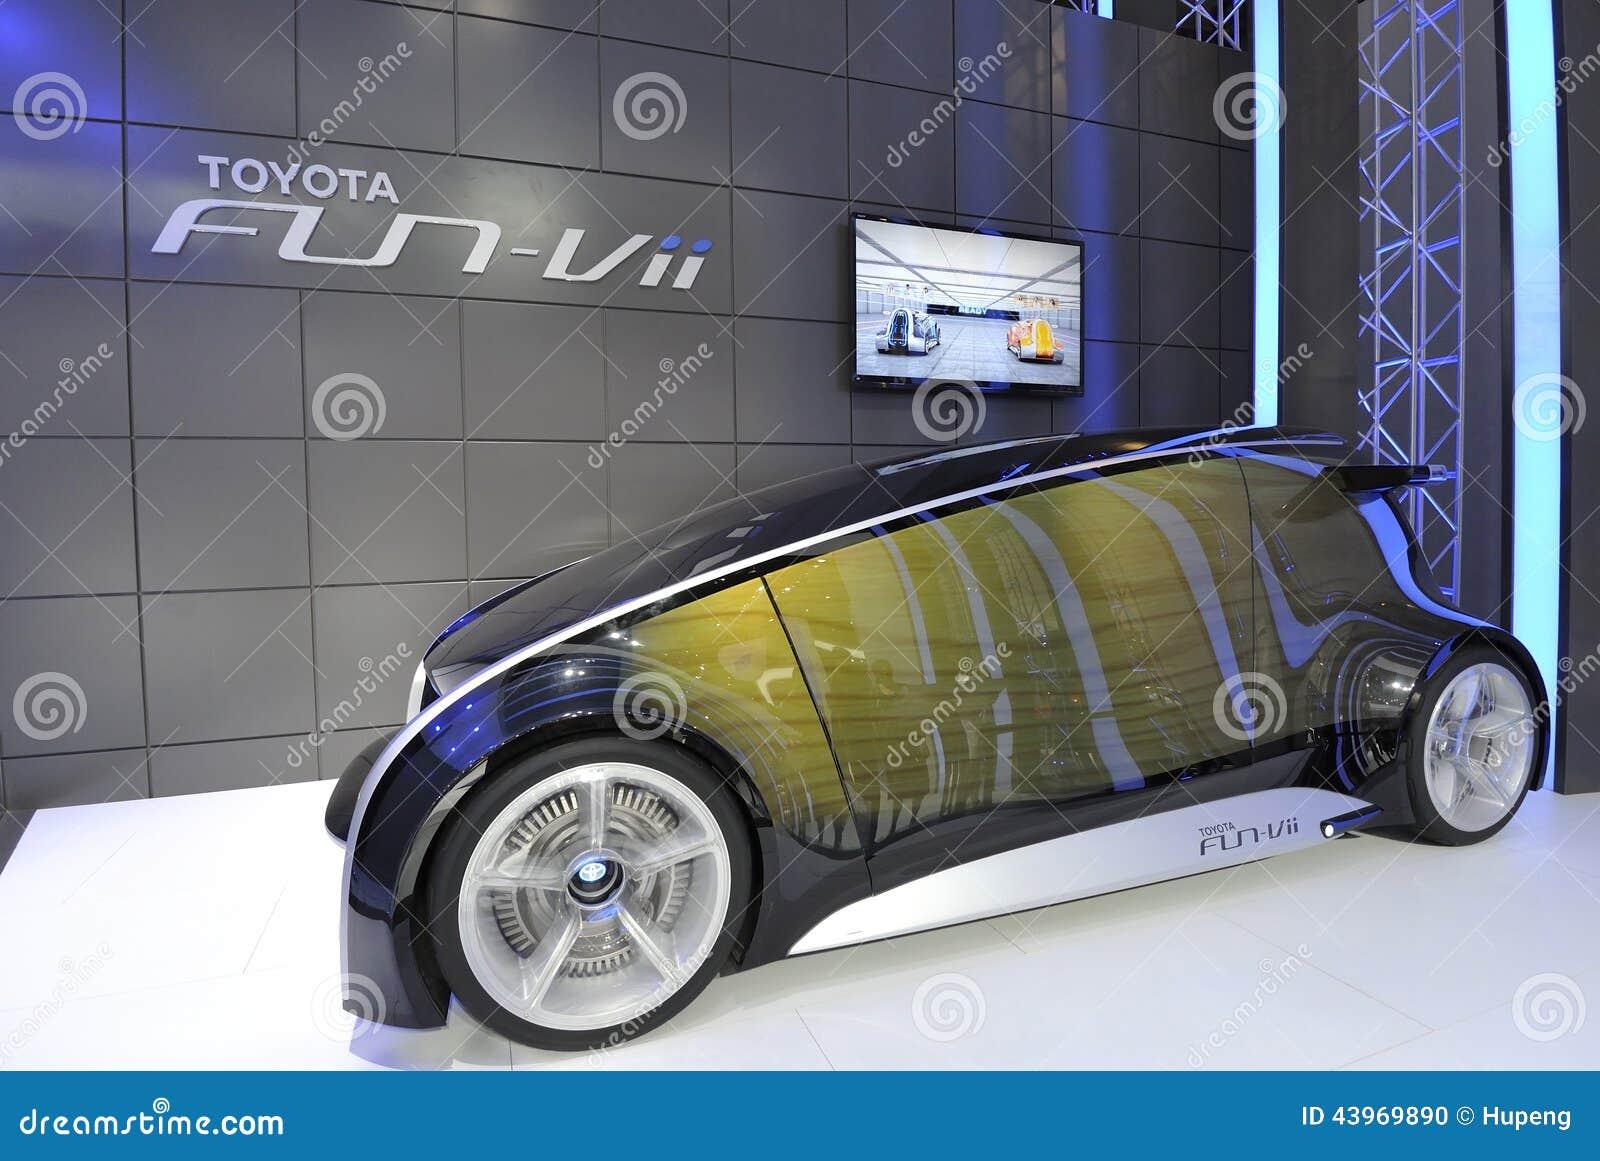 toyota fun-vii futuristic ev concept car на русском